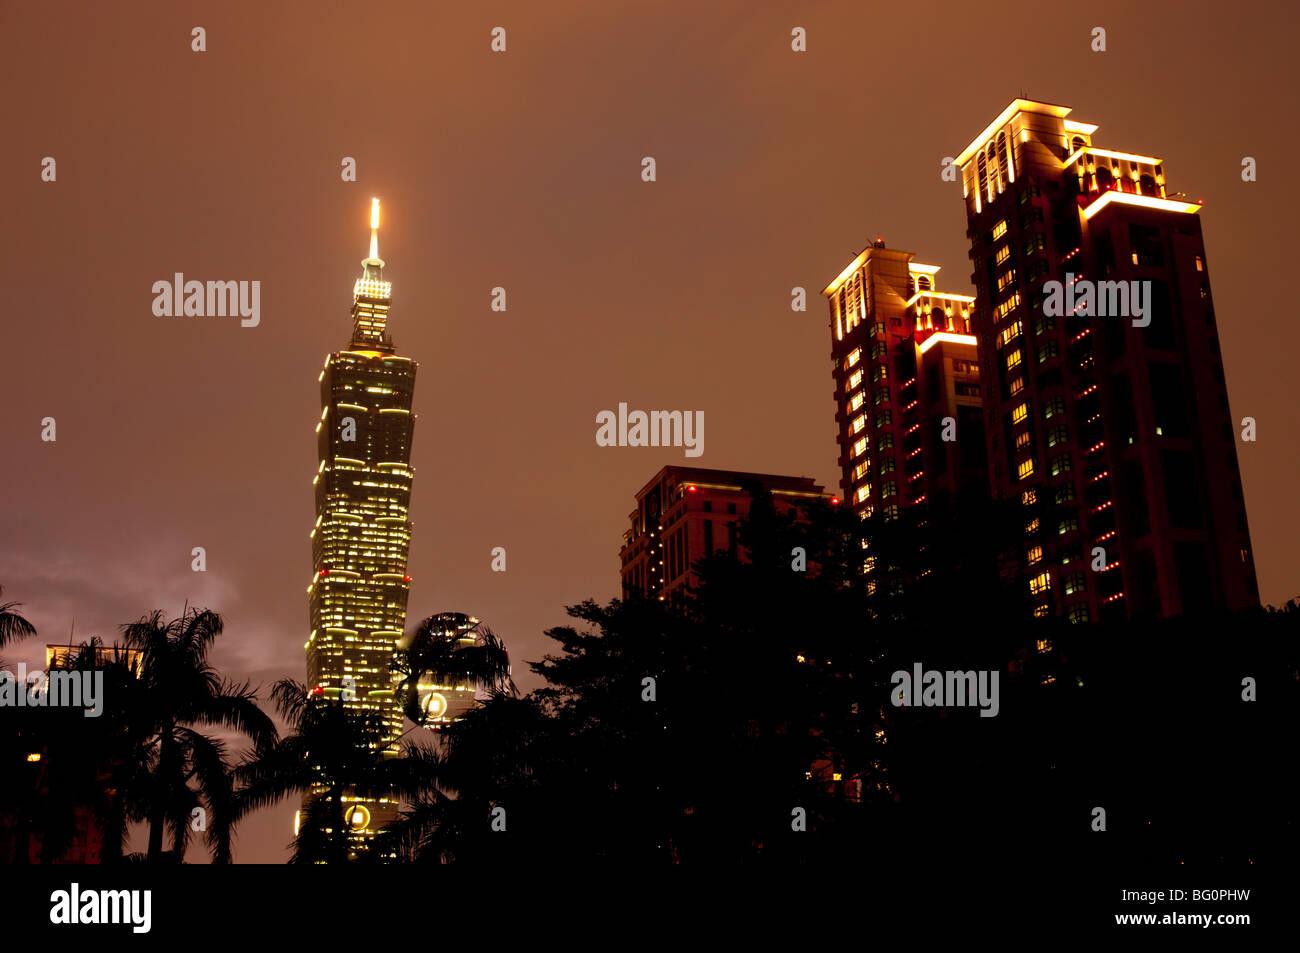 Al atardecer Taipei 101, Taipei, Taiwán, Asia Imagen De Stock